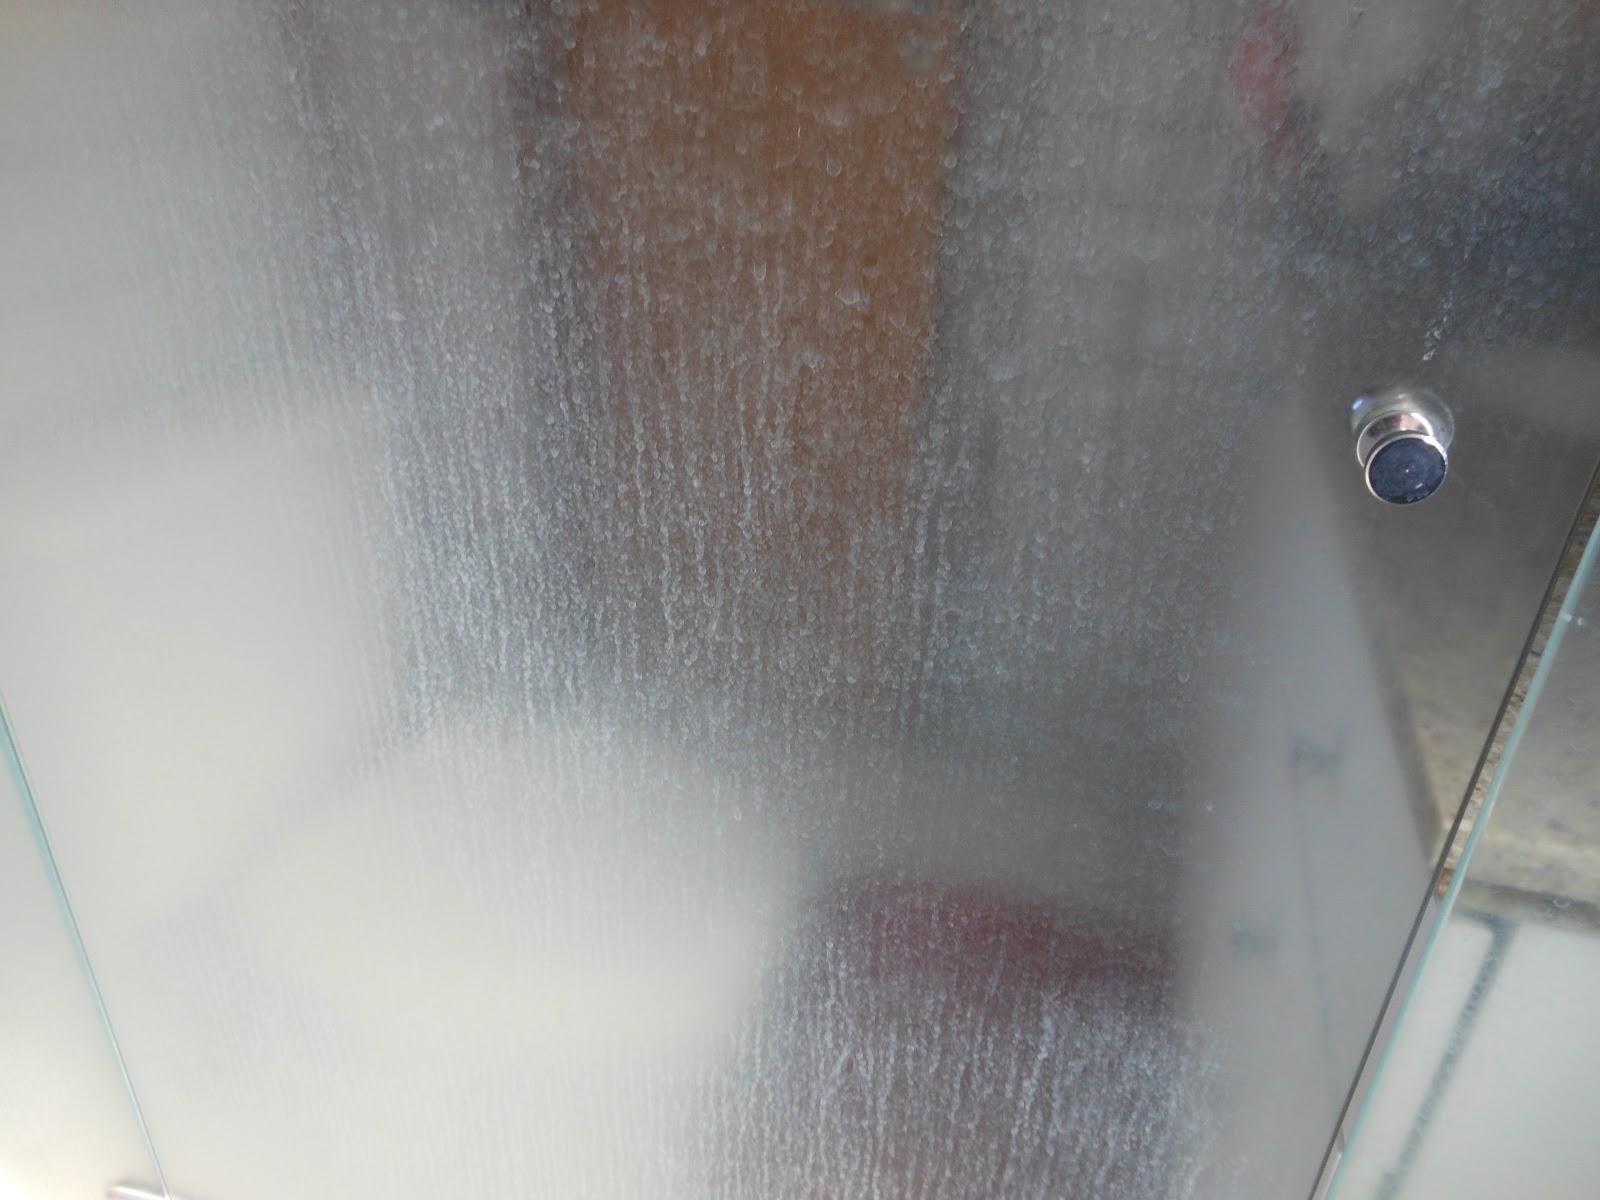 Ruim né????? Um horror Estava ficando chateada kkkkkkkk #655046 1600x1200 Banheiro Branco Como Limpar